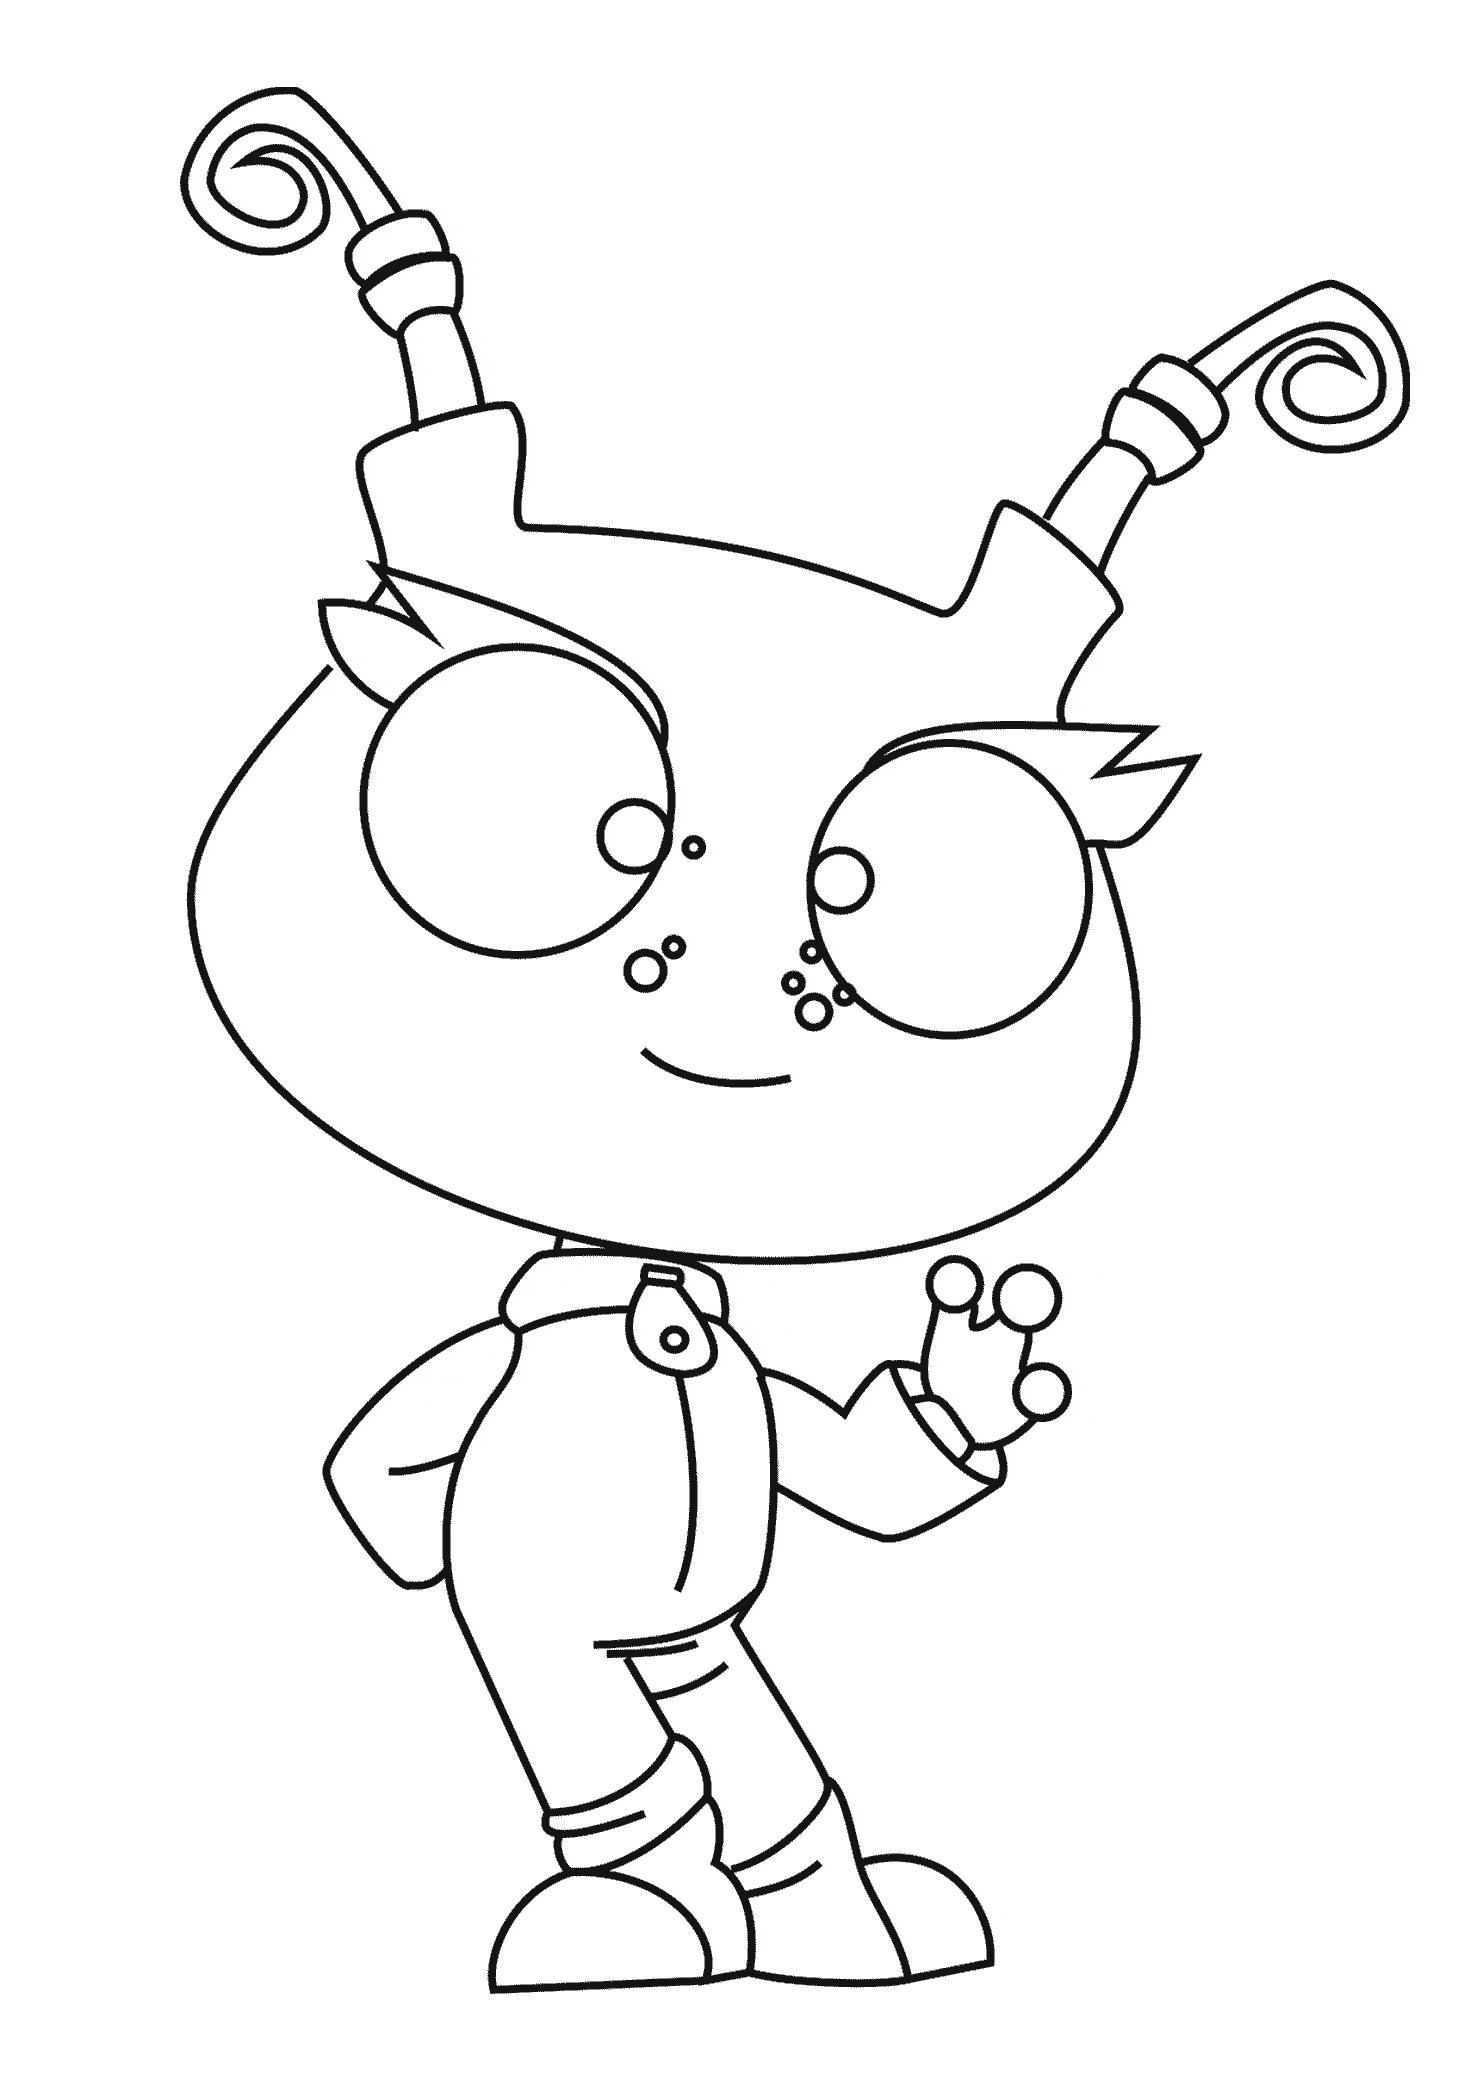 Инопланетяшка с усиками антеннками и трехпалой рукой Распечатать раскраски для мальчиков